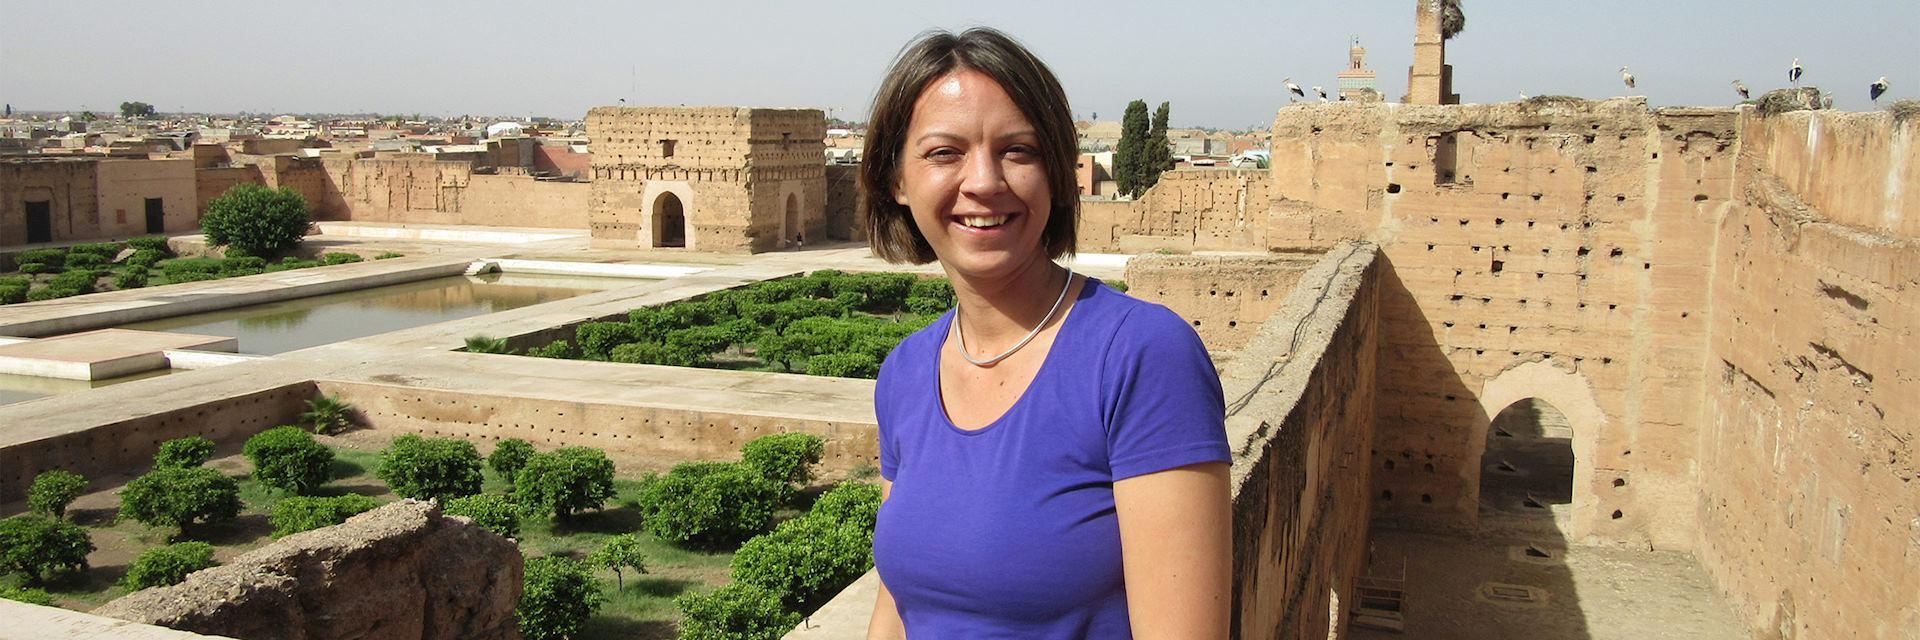 Sarah at the Badia Palace, Marrakesh, Morocco